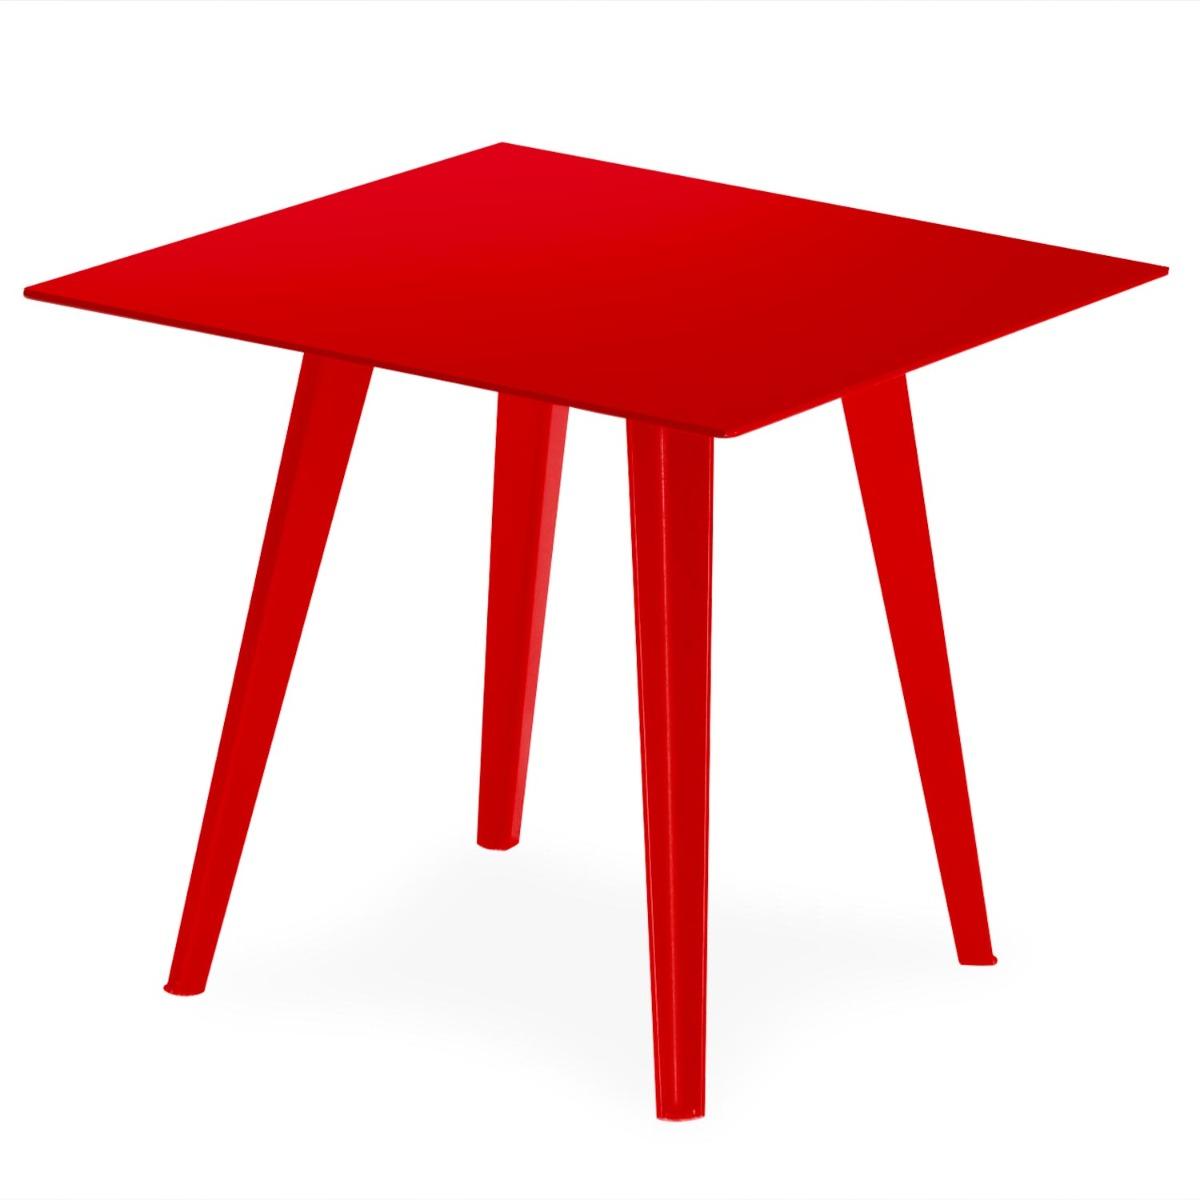 Table d'appoint magnétique carrée 40cm Bipolart Métal Rouge